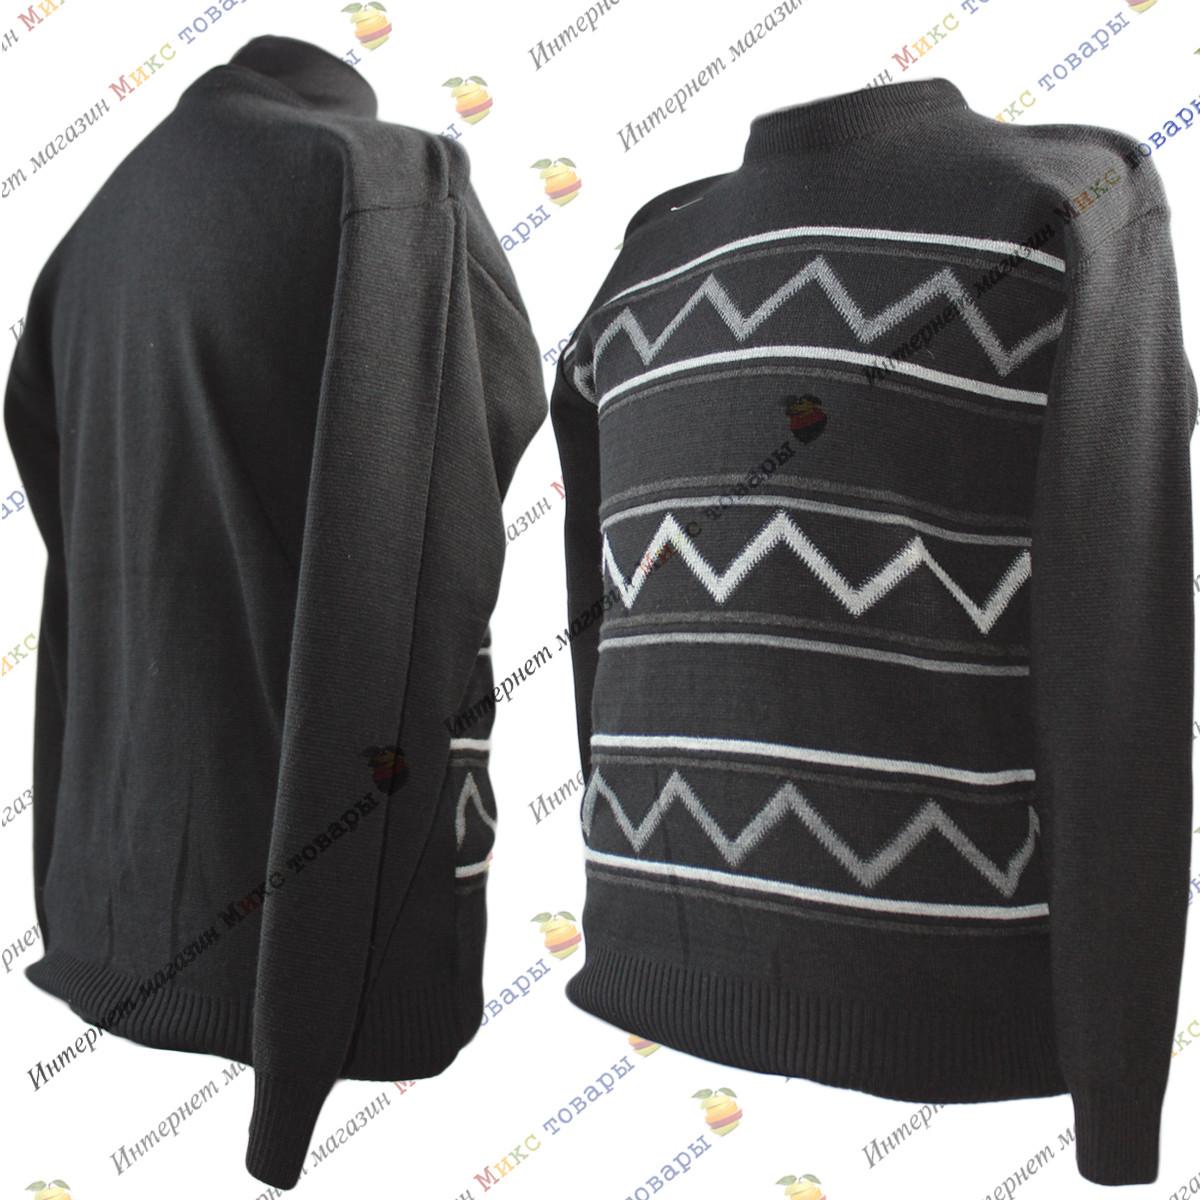 Мужские свитера от 48 до 54 размера